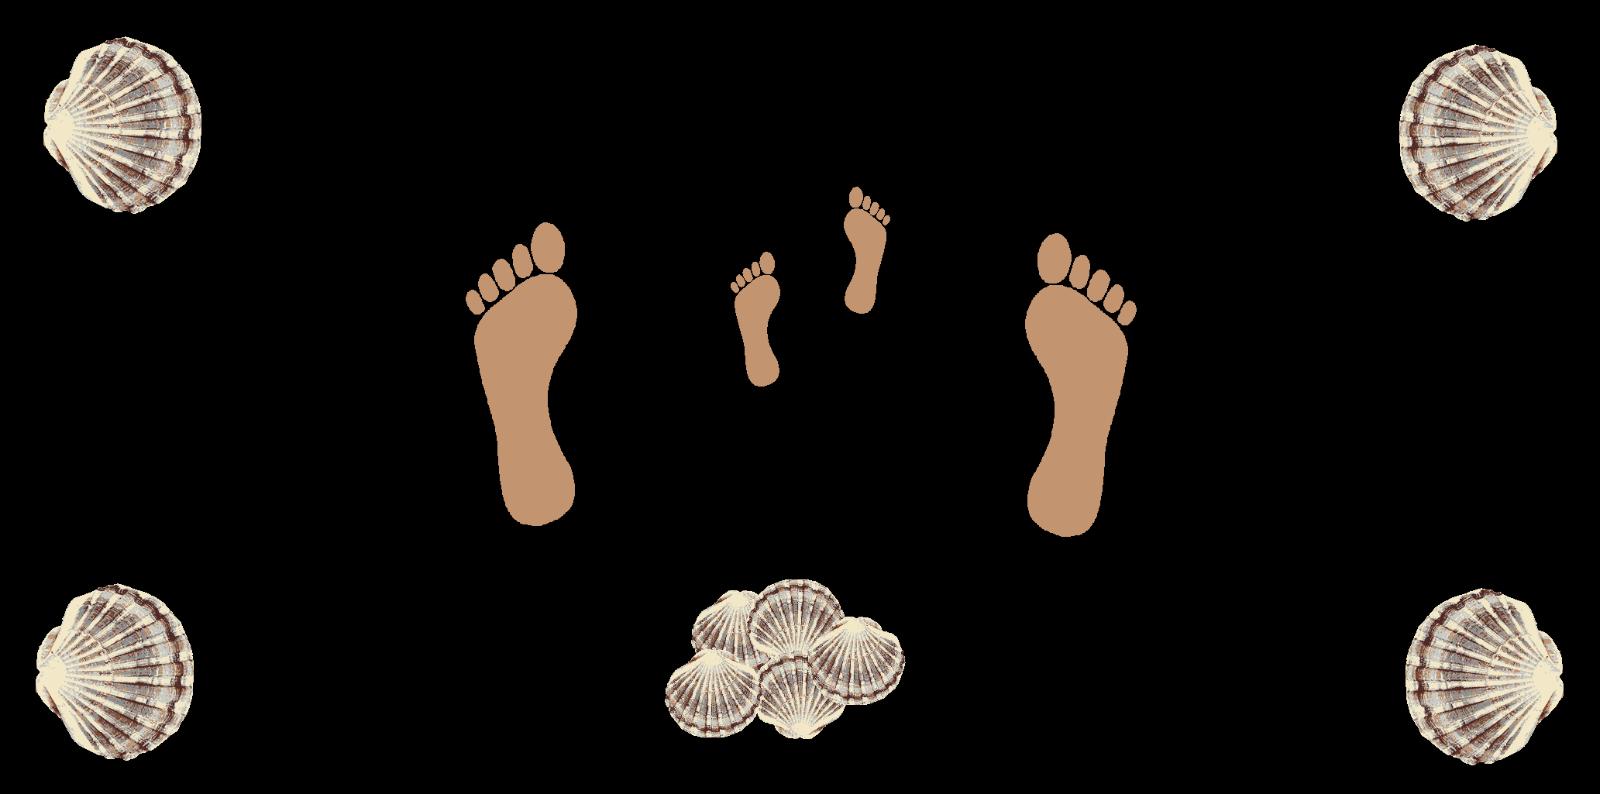 Duschvorleger Badvorleger Badematte Badteppich Läufer Läufer Läufer 200x100cm Füße Muschel 1f9e97